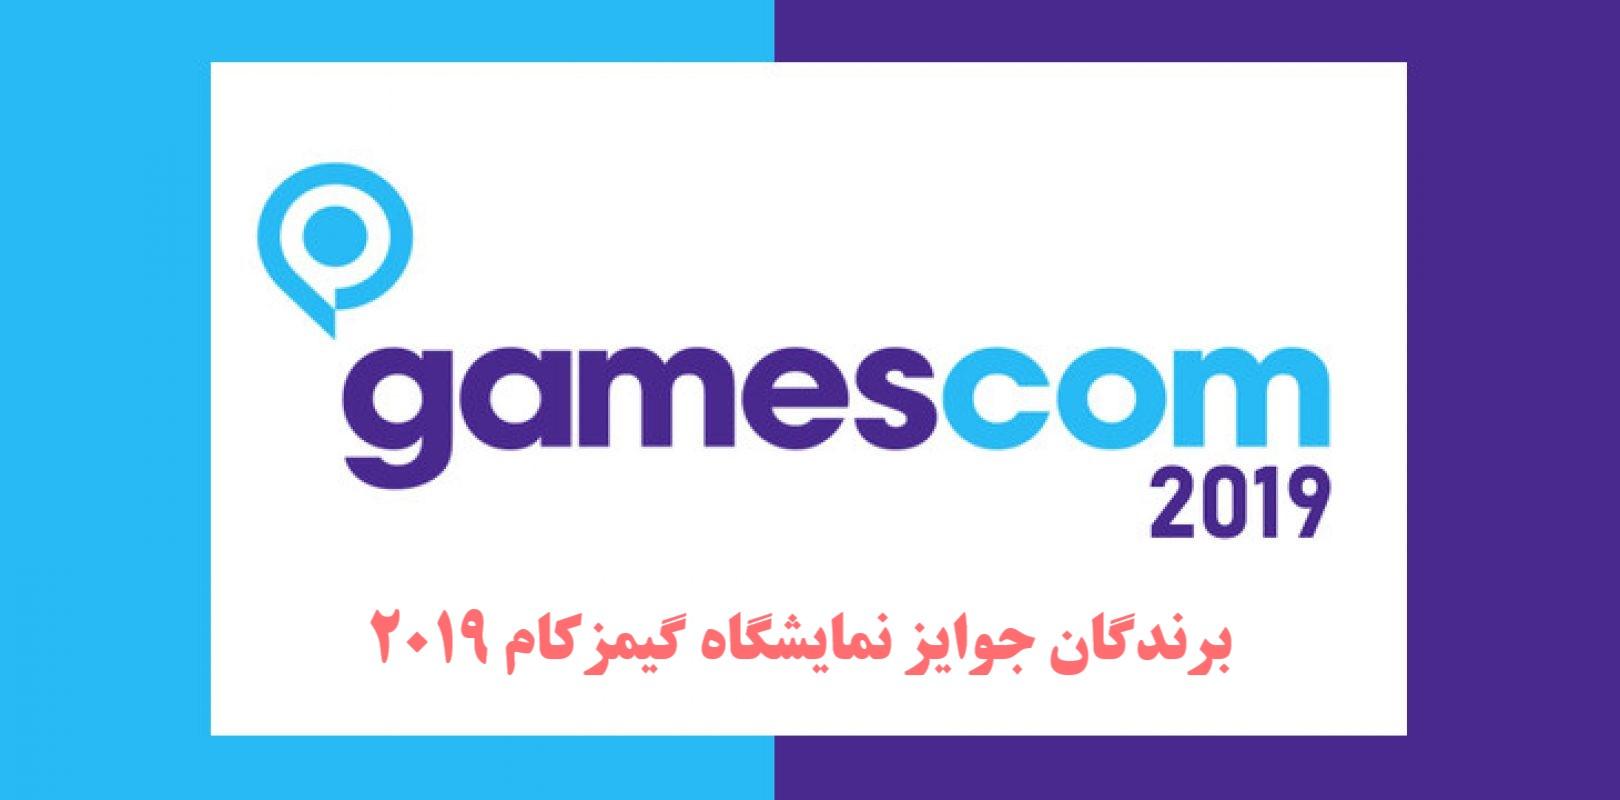 برندگان جوایز نمایشگاه گیمزکام 2019